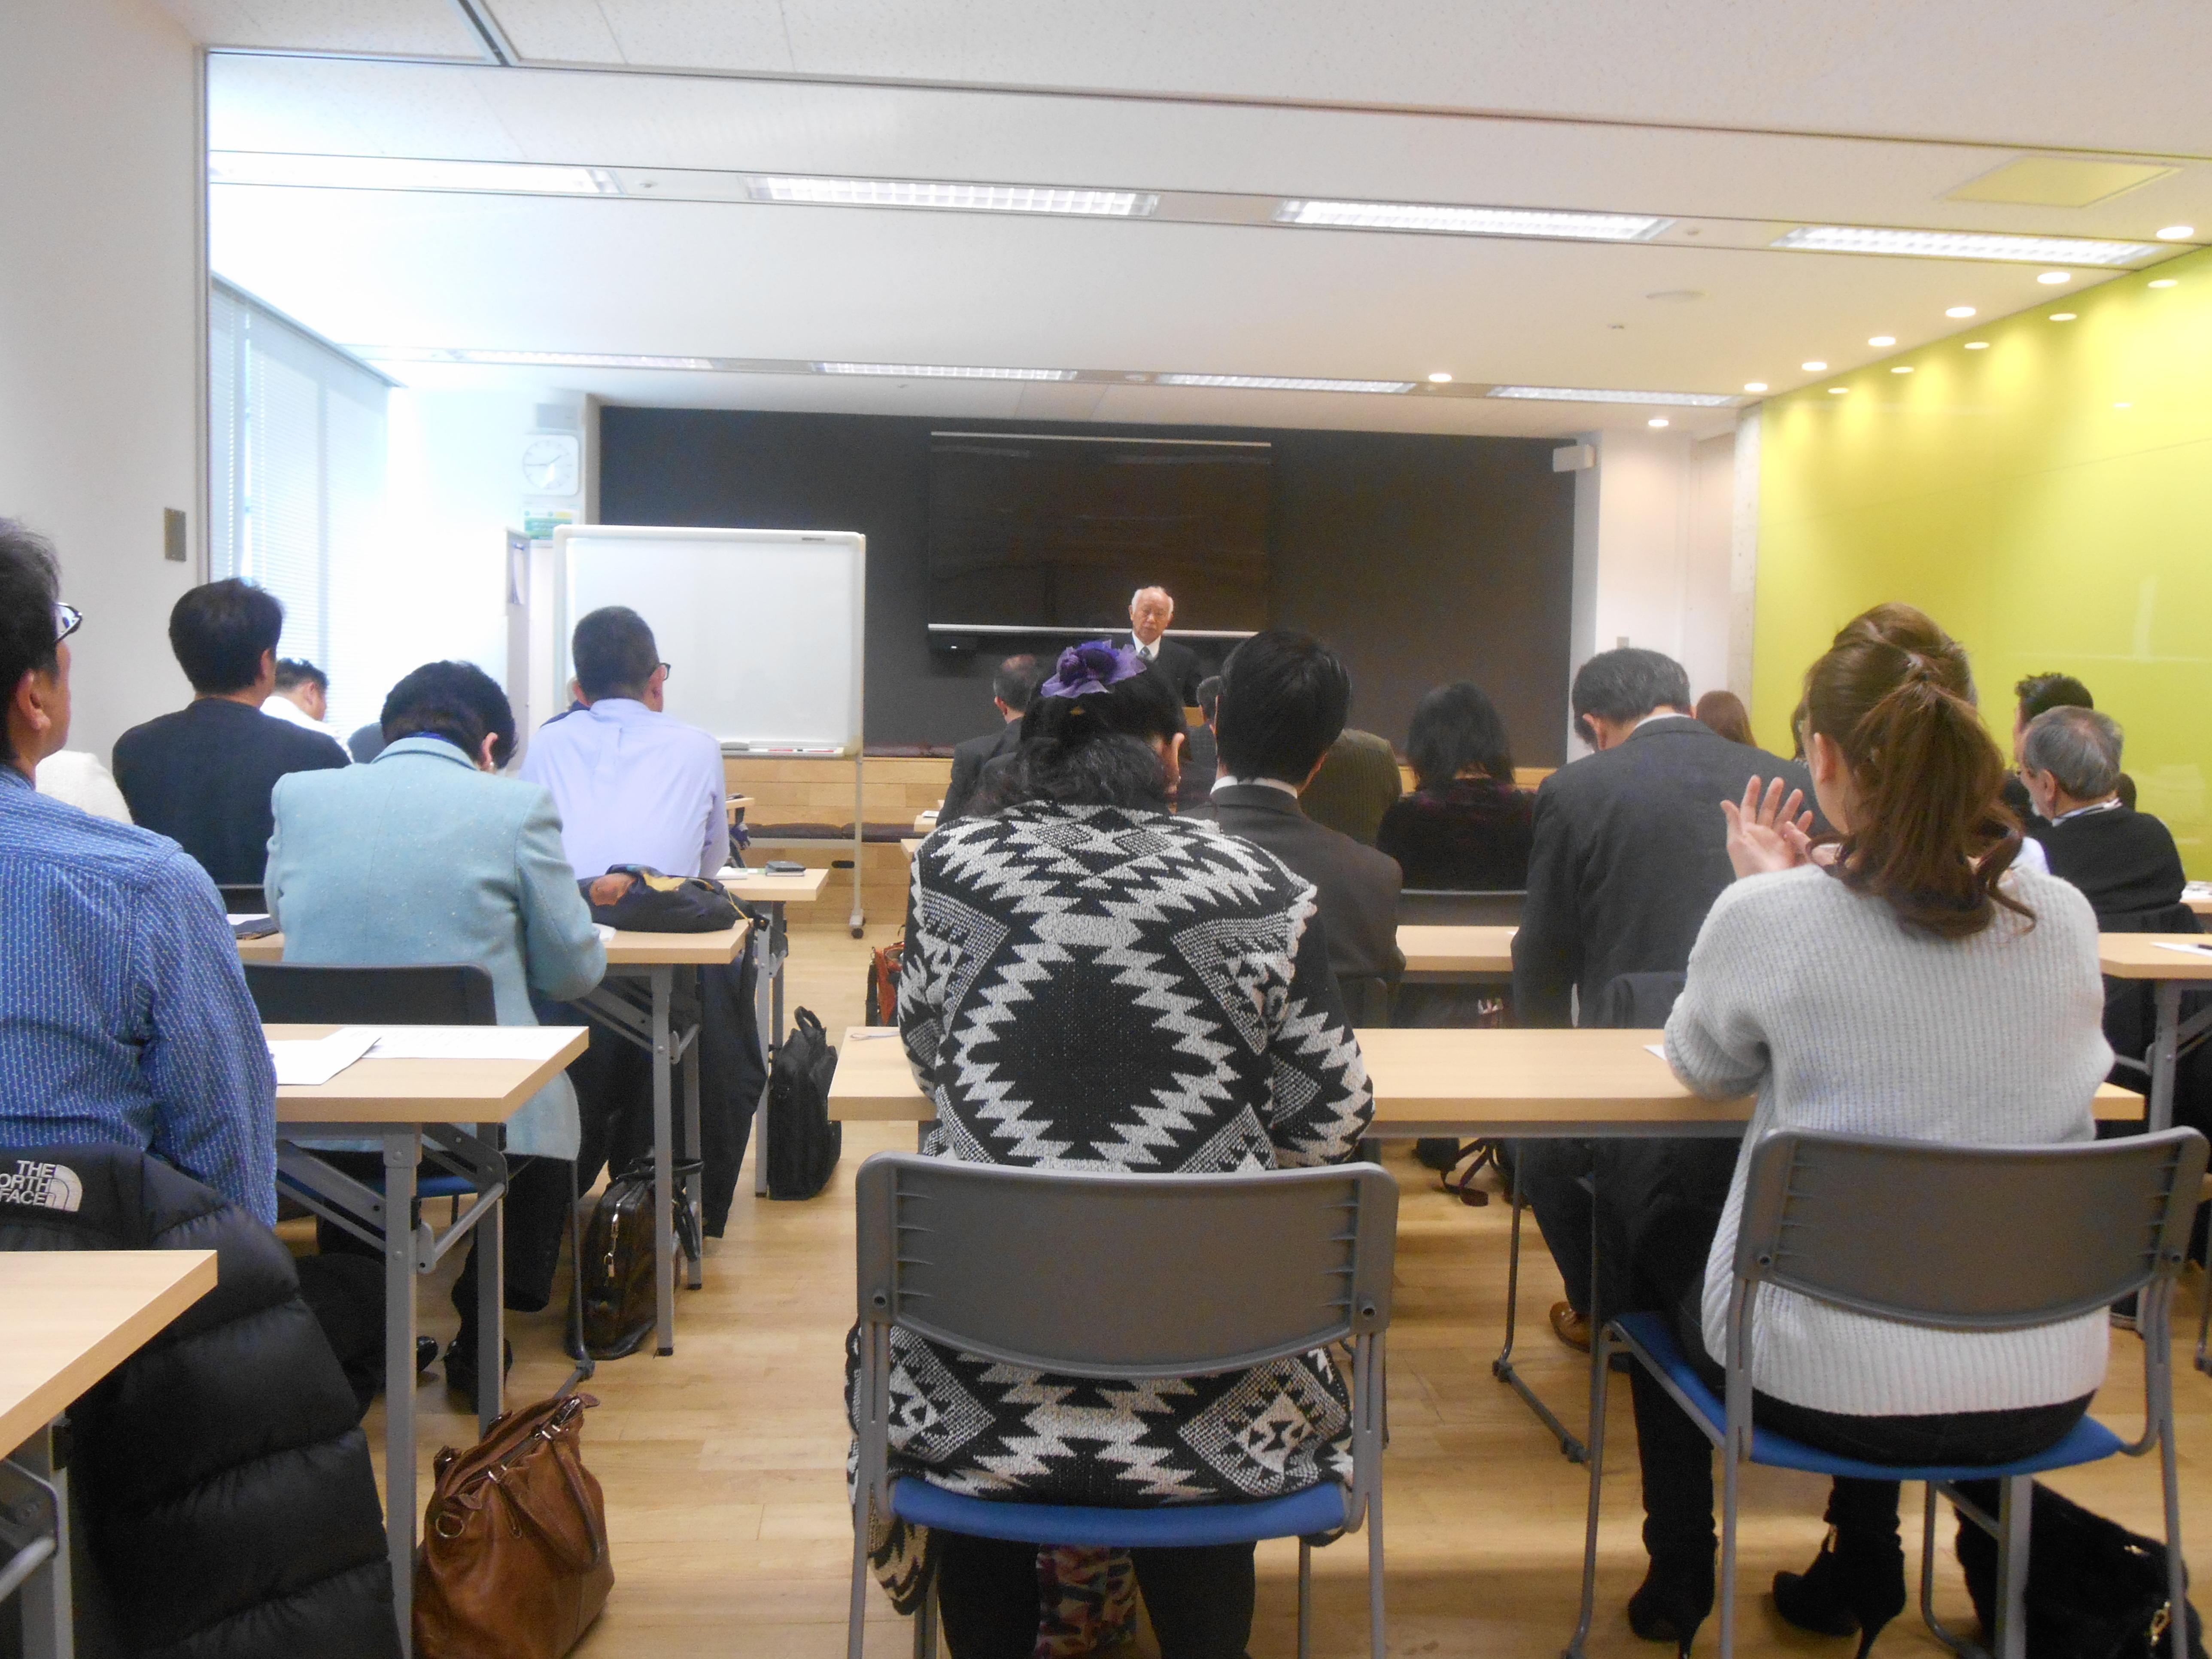 DSCN0047 - 平成29年度 東京思風塾2月4日開催しました。